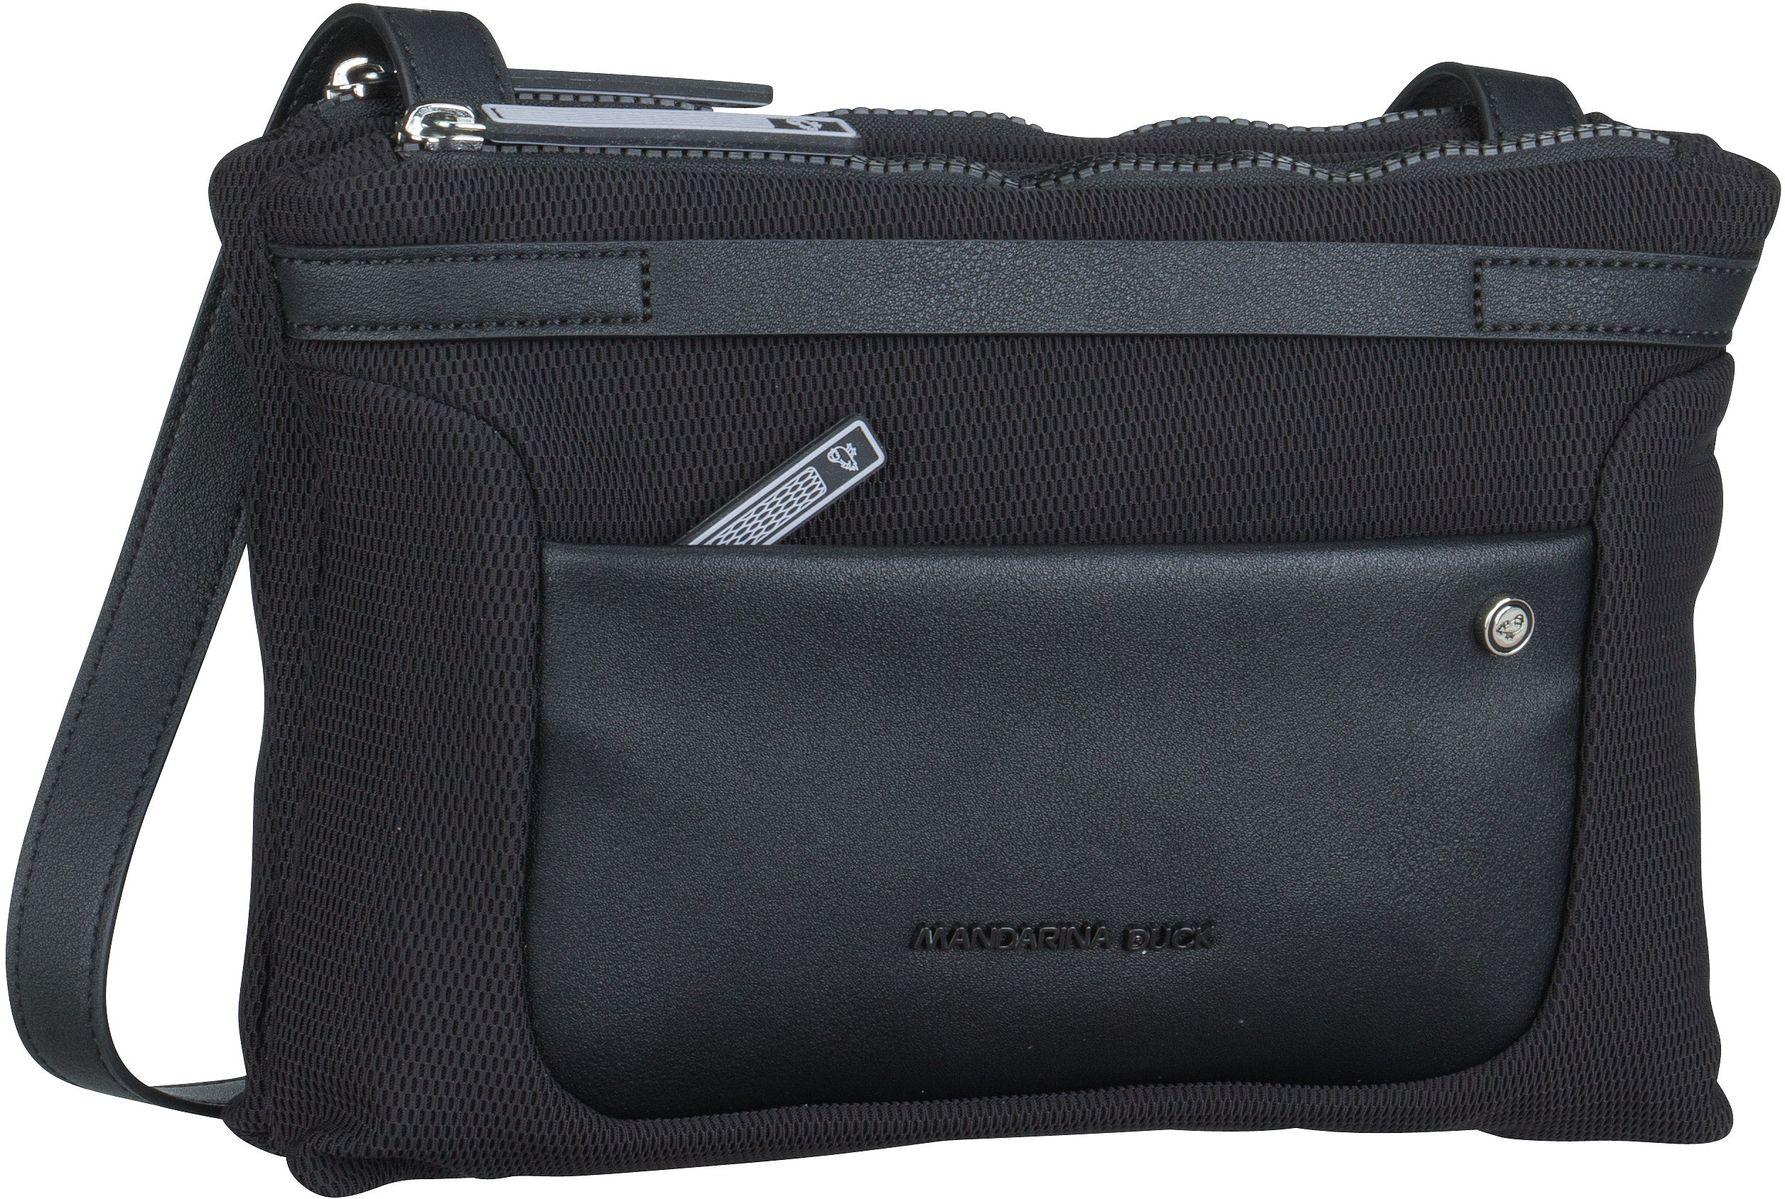 Umhängetasche Camden Shoulder Bag VBM02 Black